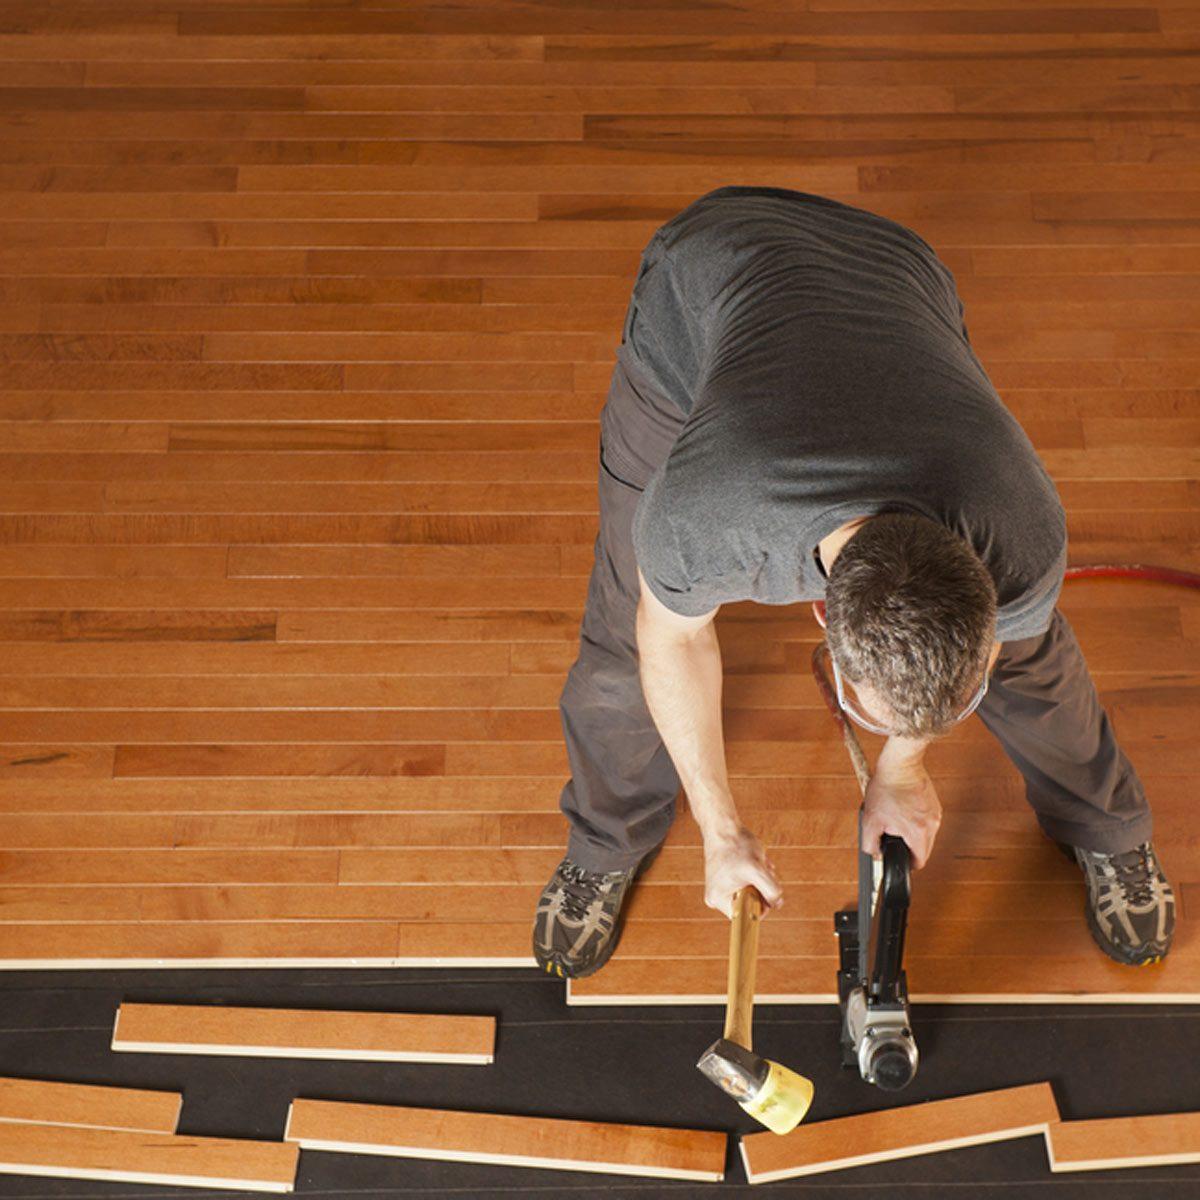 shutterstock_80066764 install hardwood flooring